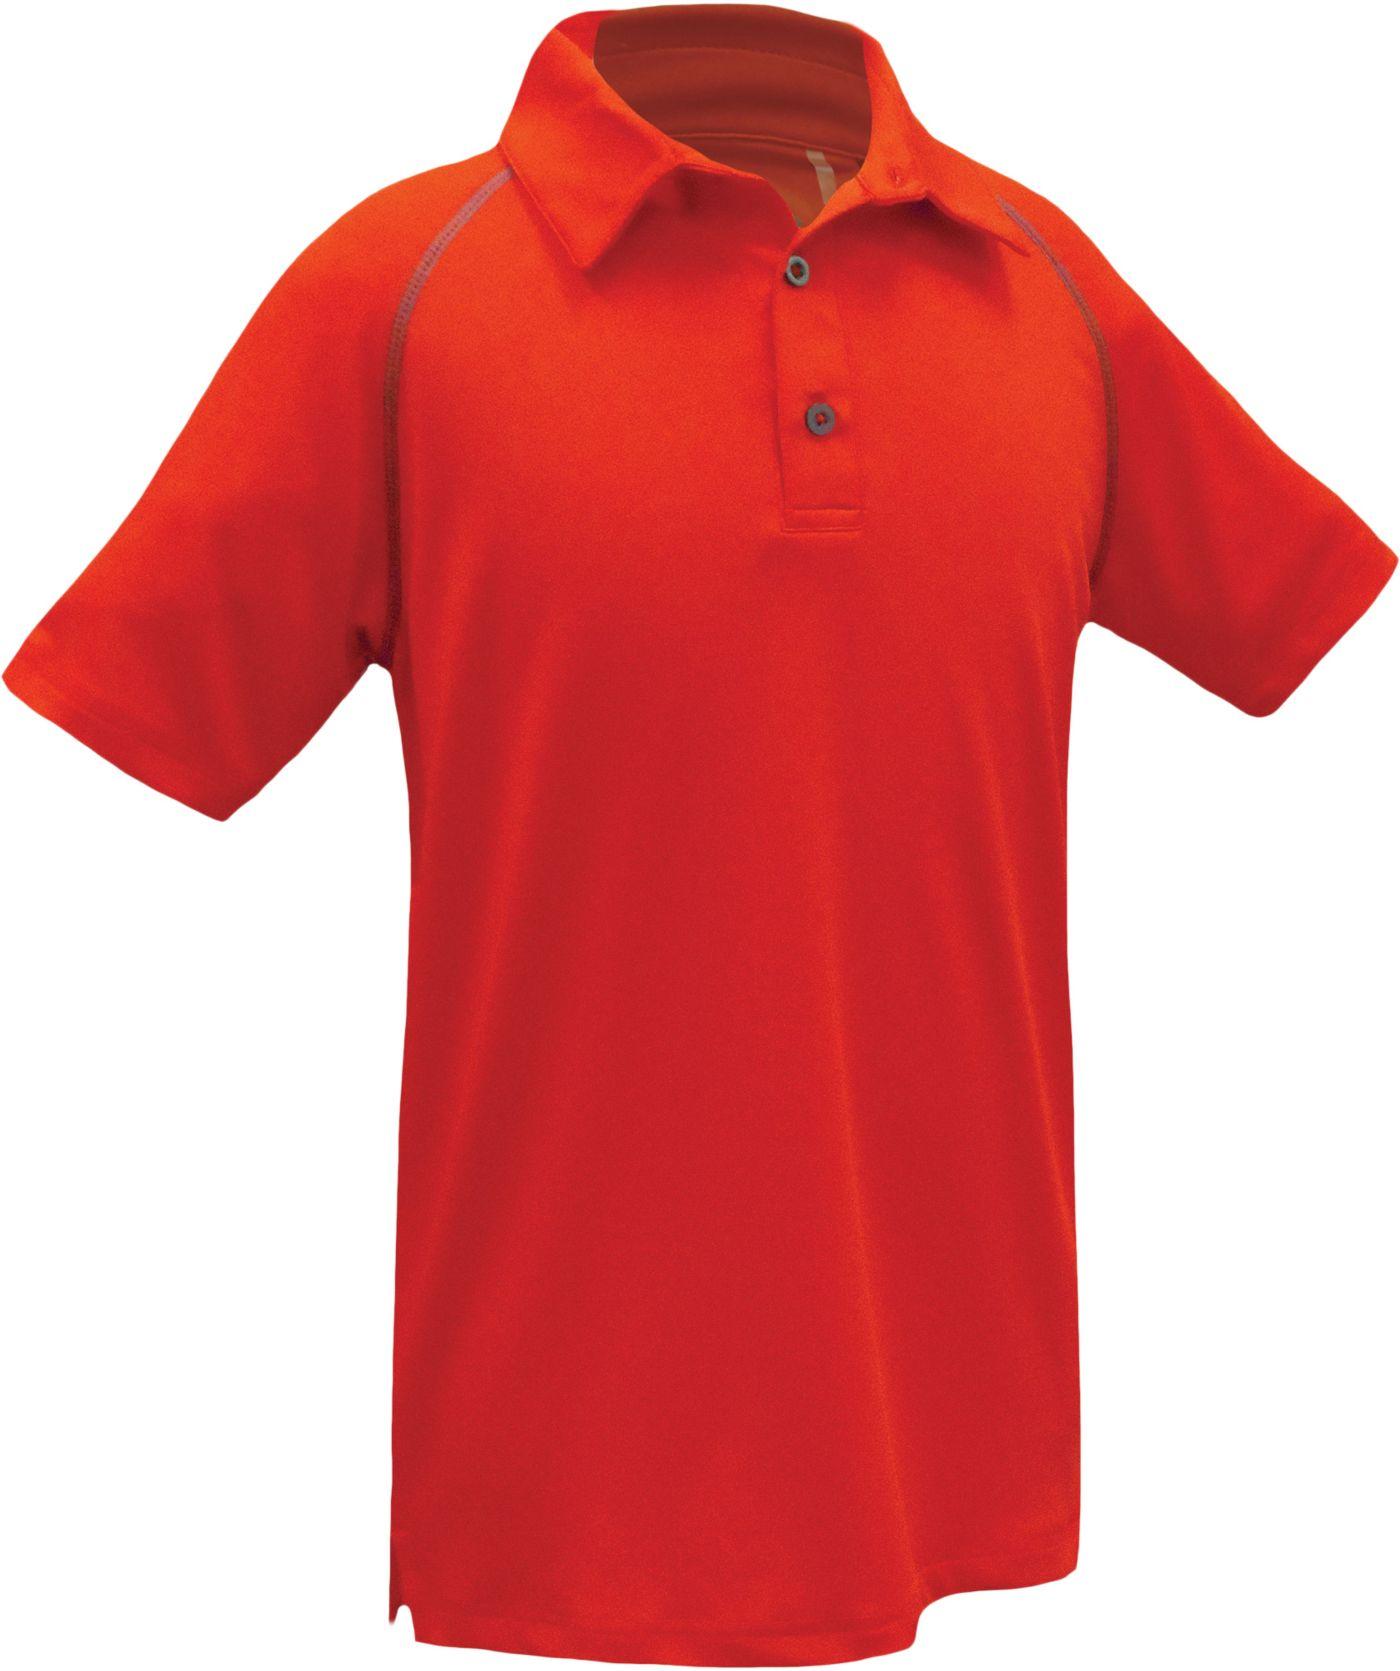 Garb Boys' Craig Golf Polo